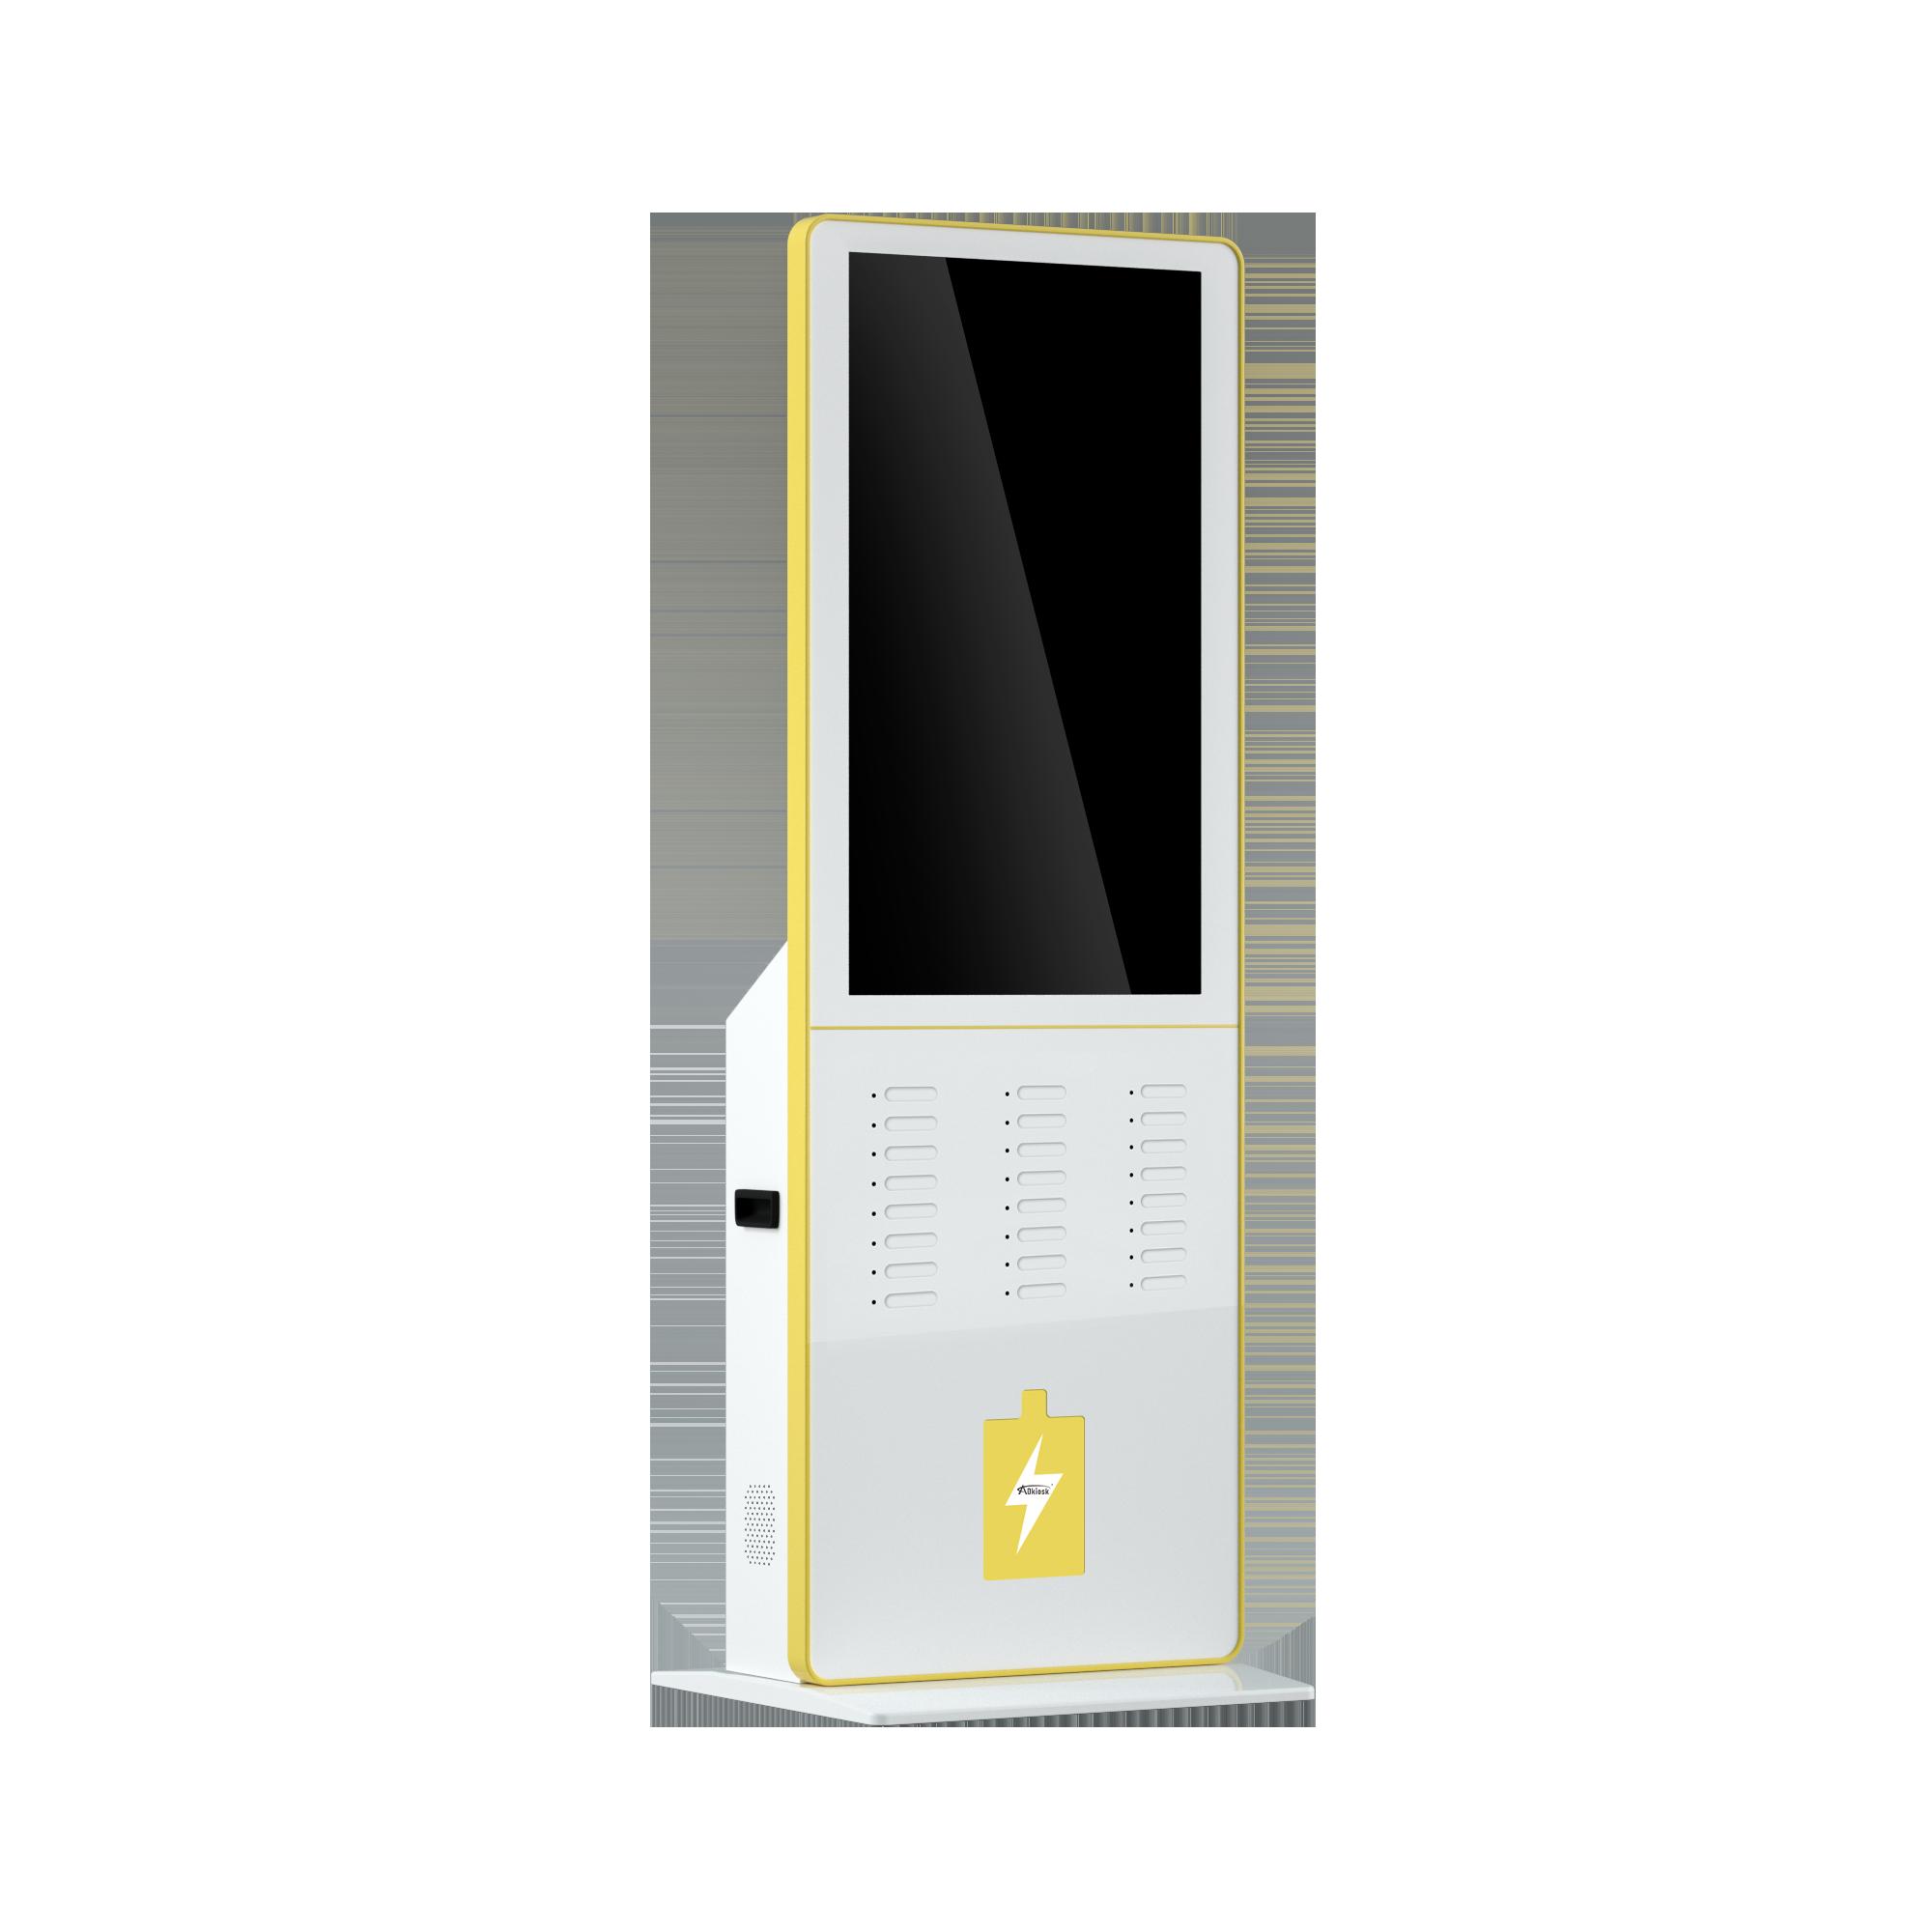 デジタルサイネージ広告画面付き公共携帯電話充電パワーバンクステーション